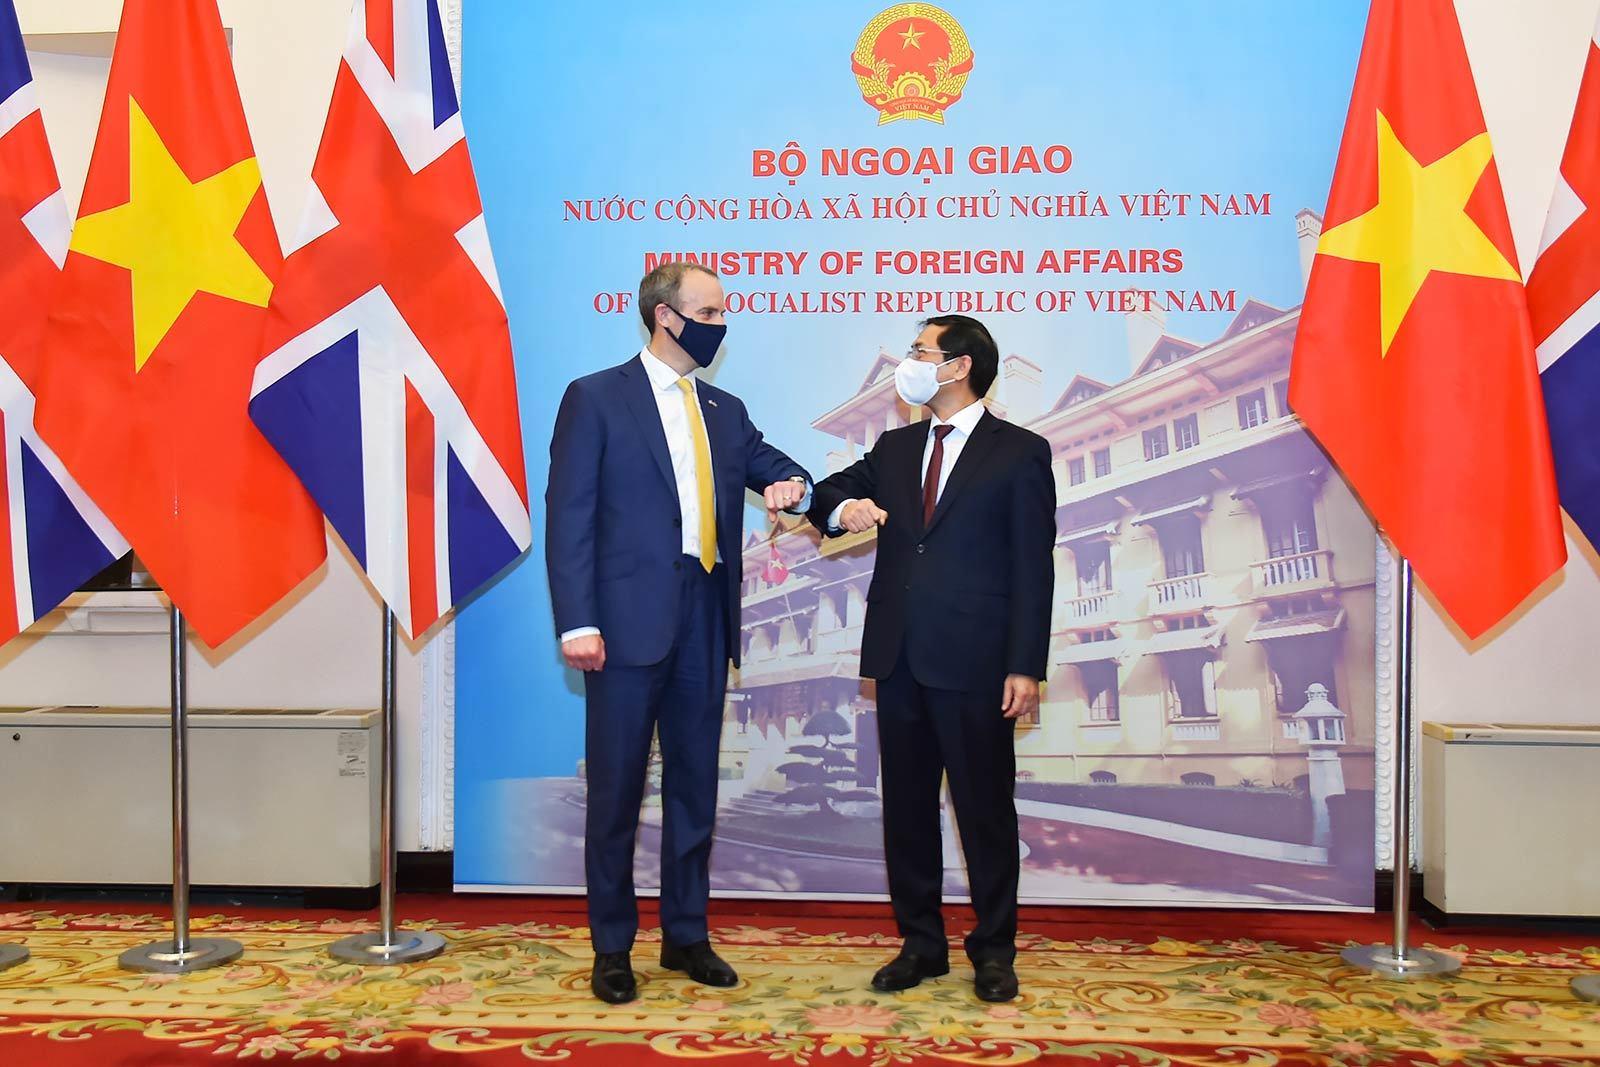 Bộ trưởng Ngoại giao đề nghị Anh hỗ trợ Việt Nam tiếp cận vắc xin Covid-19